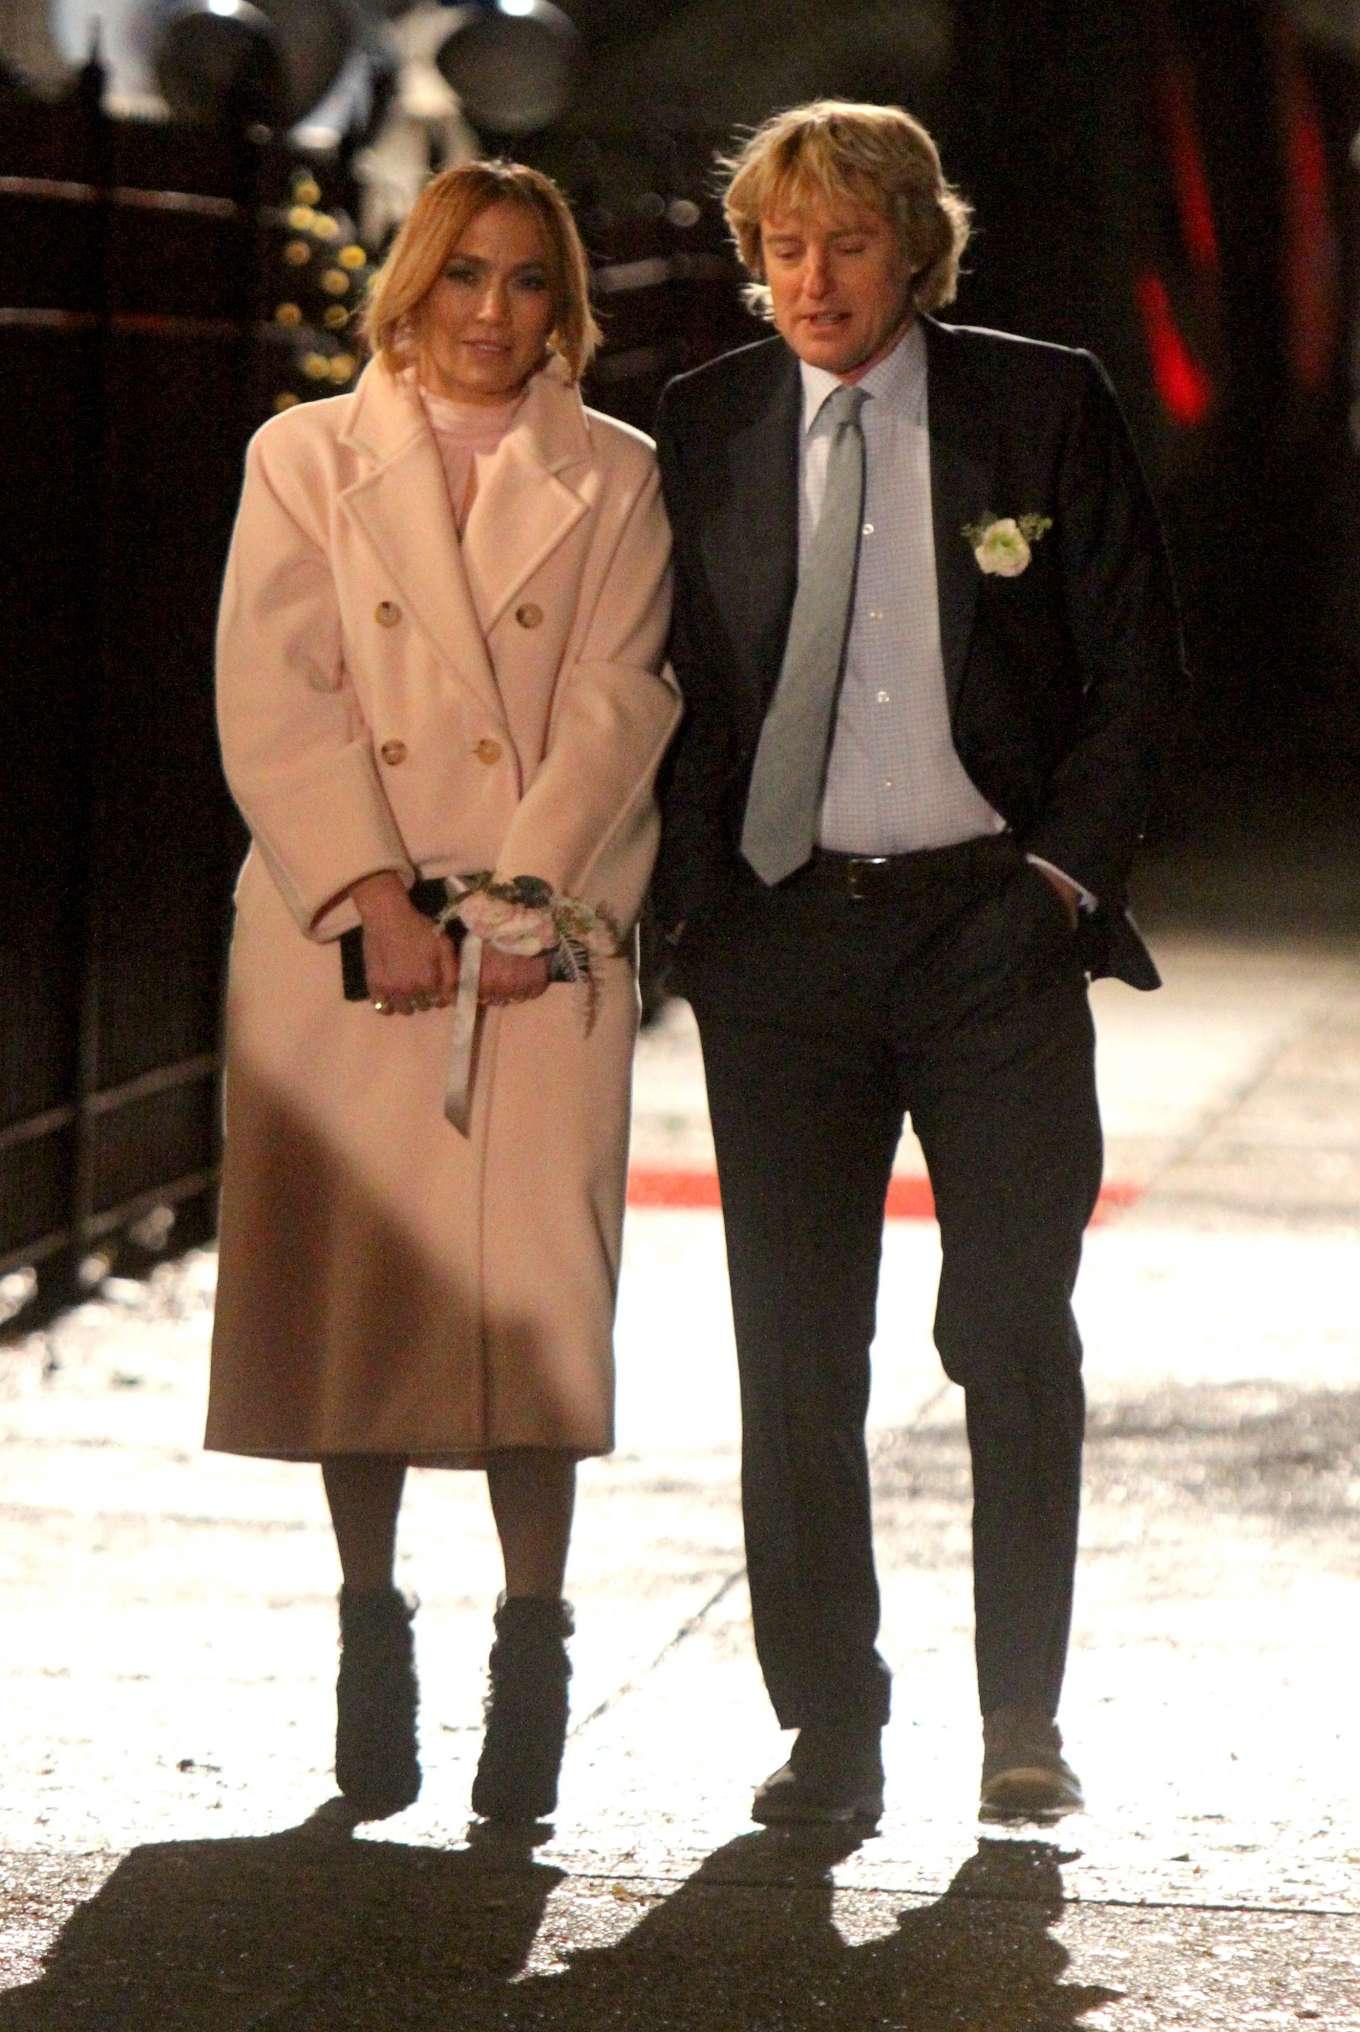 Jennifer Lopez and Owen Wilson - Filming a scene of 'Marry Me' in Brooklyn